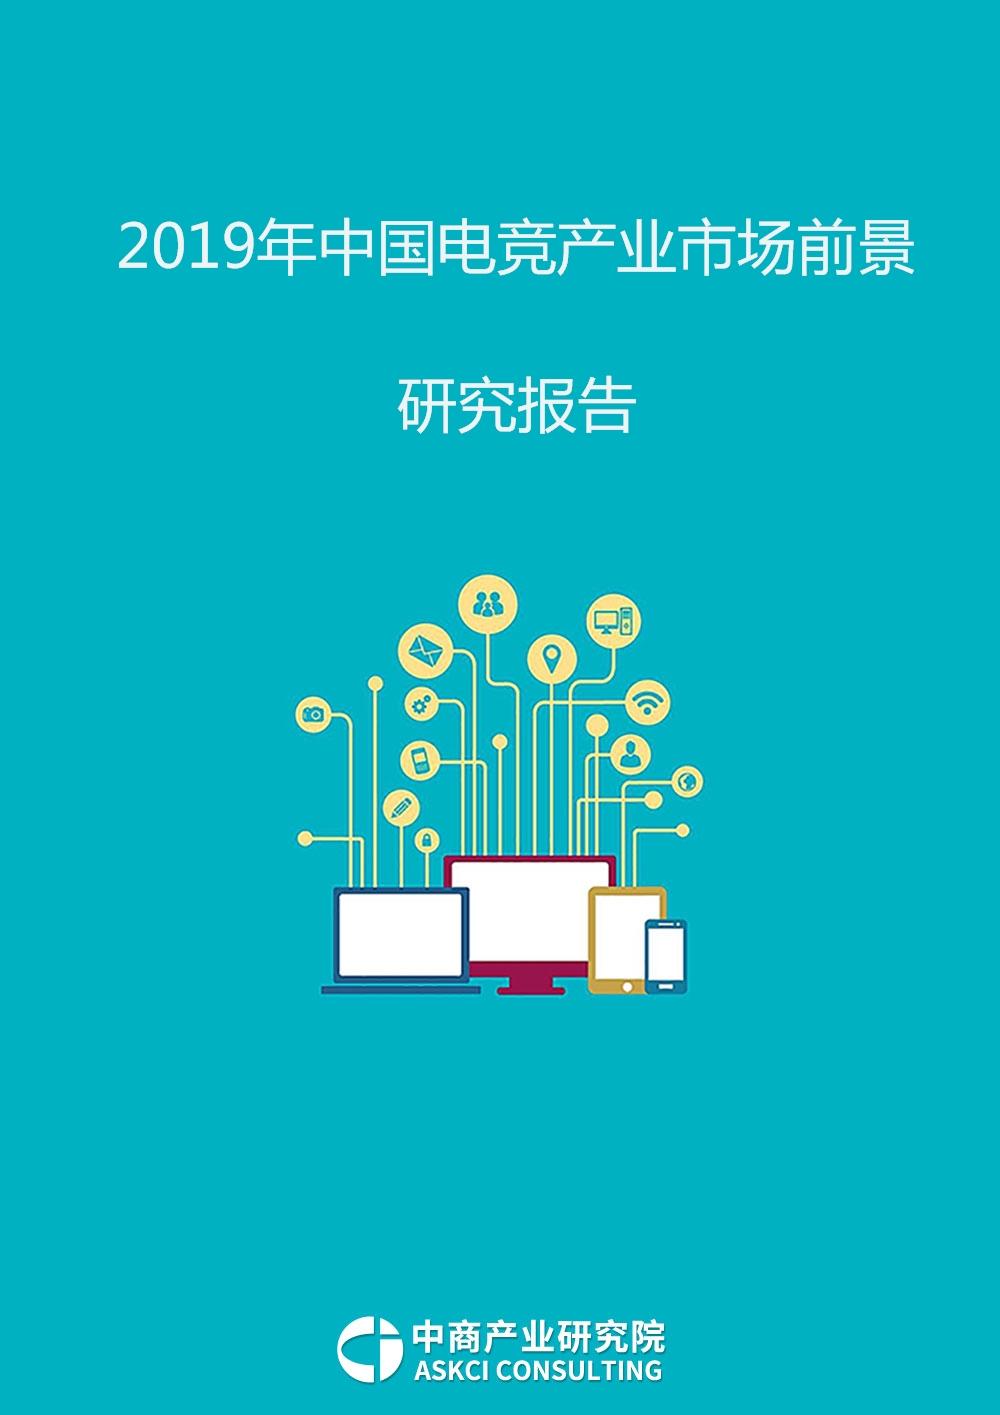 2019年中国电子竞技产业市场前景研究报告